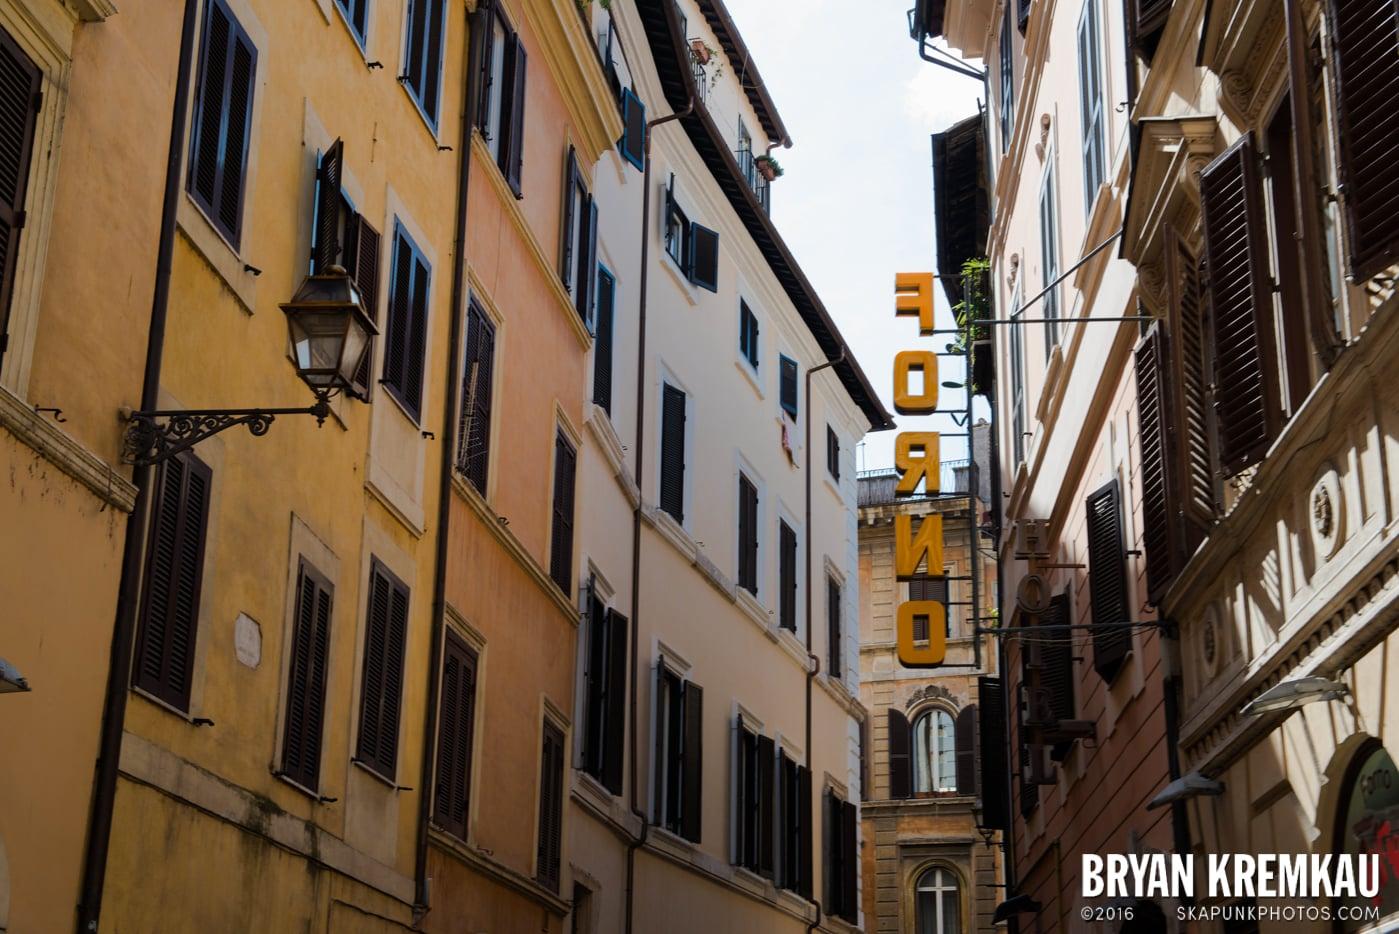 Italy Vacation - Day 1: Rome - 9.9.13 (56)